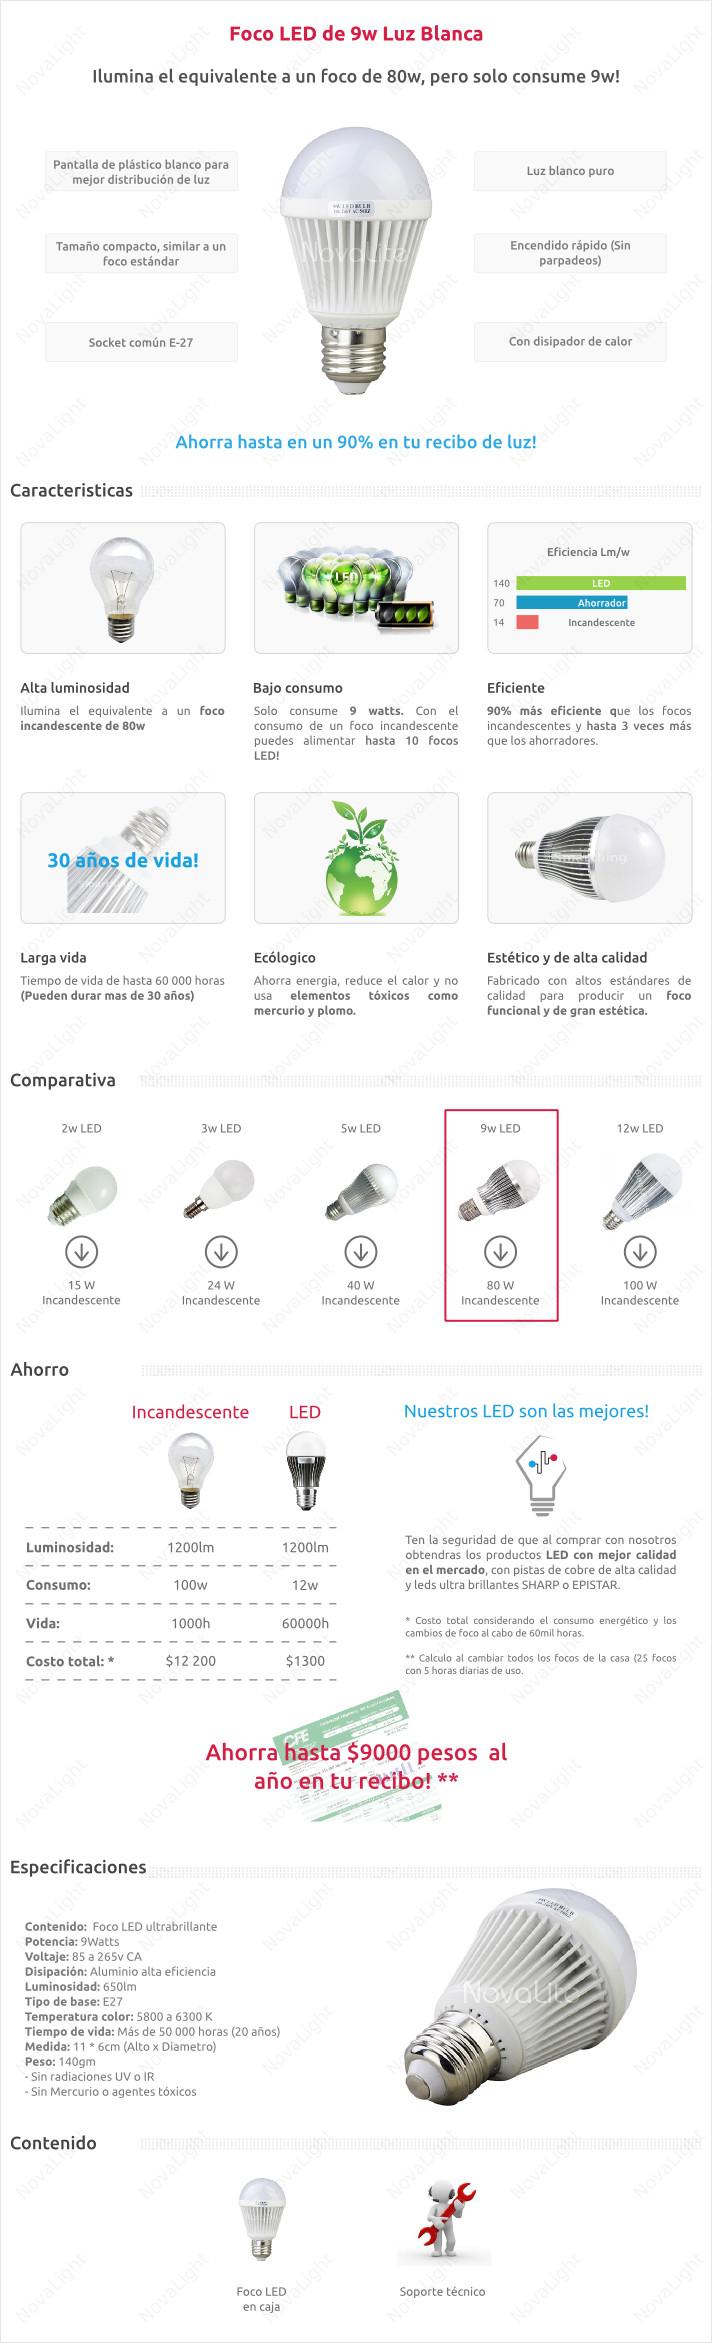 Descripción del Foco LED Blanco Puro de 5w